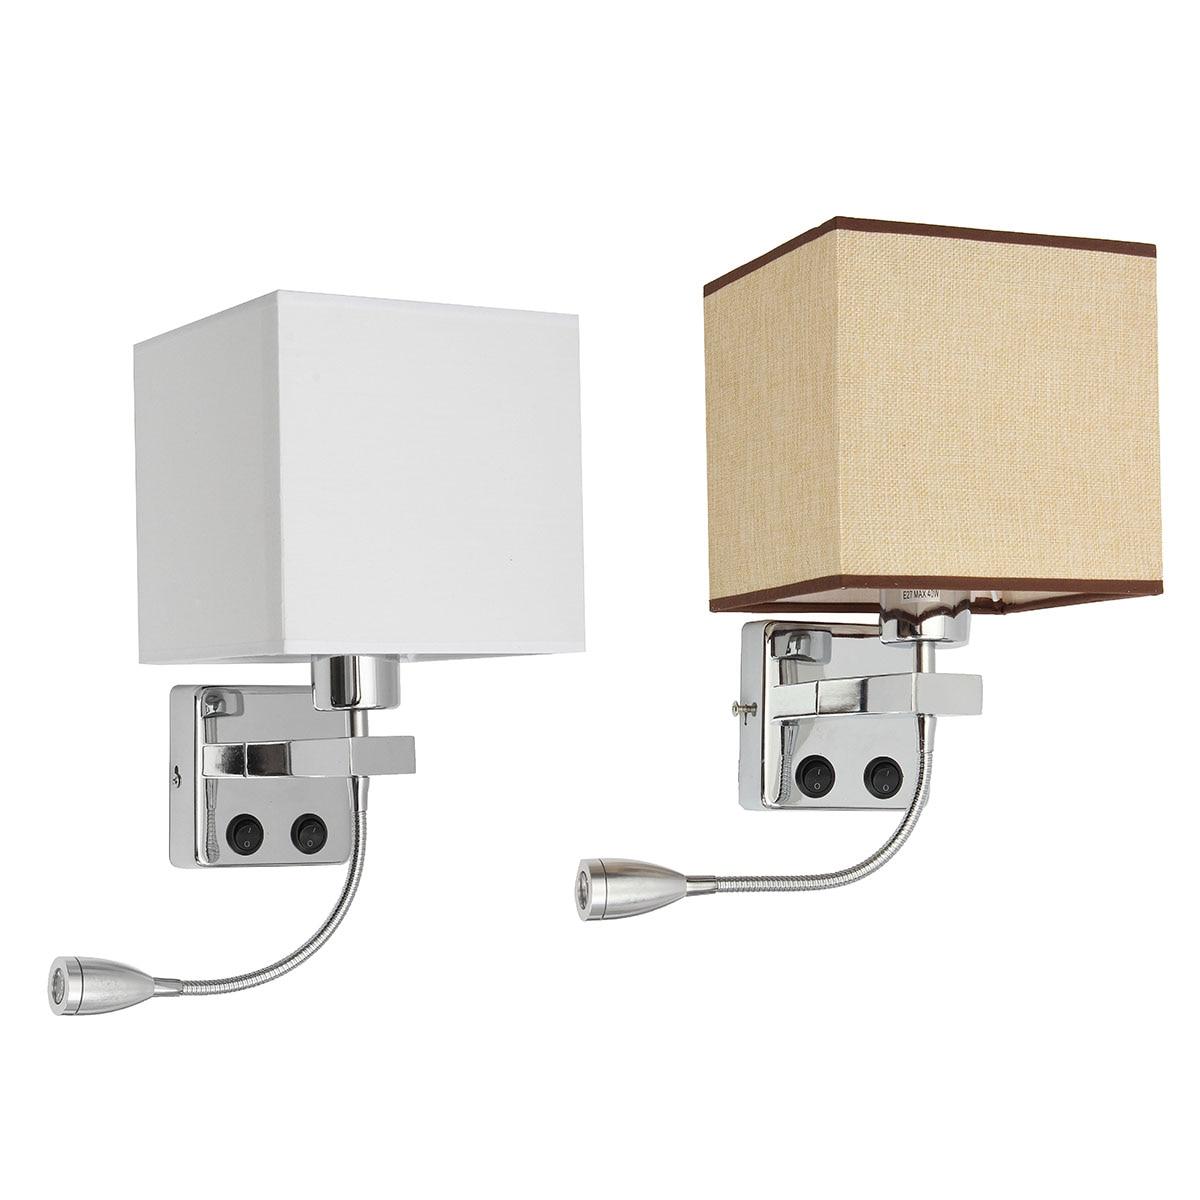 Luz de pared moderna LED pared ajustable LED luz del ojo proteger estudio lectura lámpara de interior al aire libre Sconce para el hogar dormitorio corredor